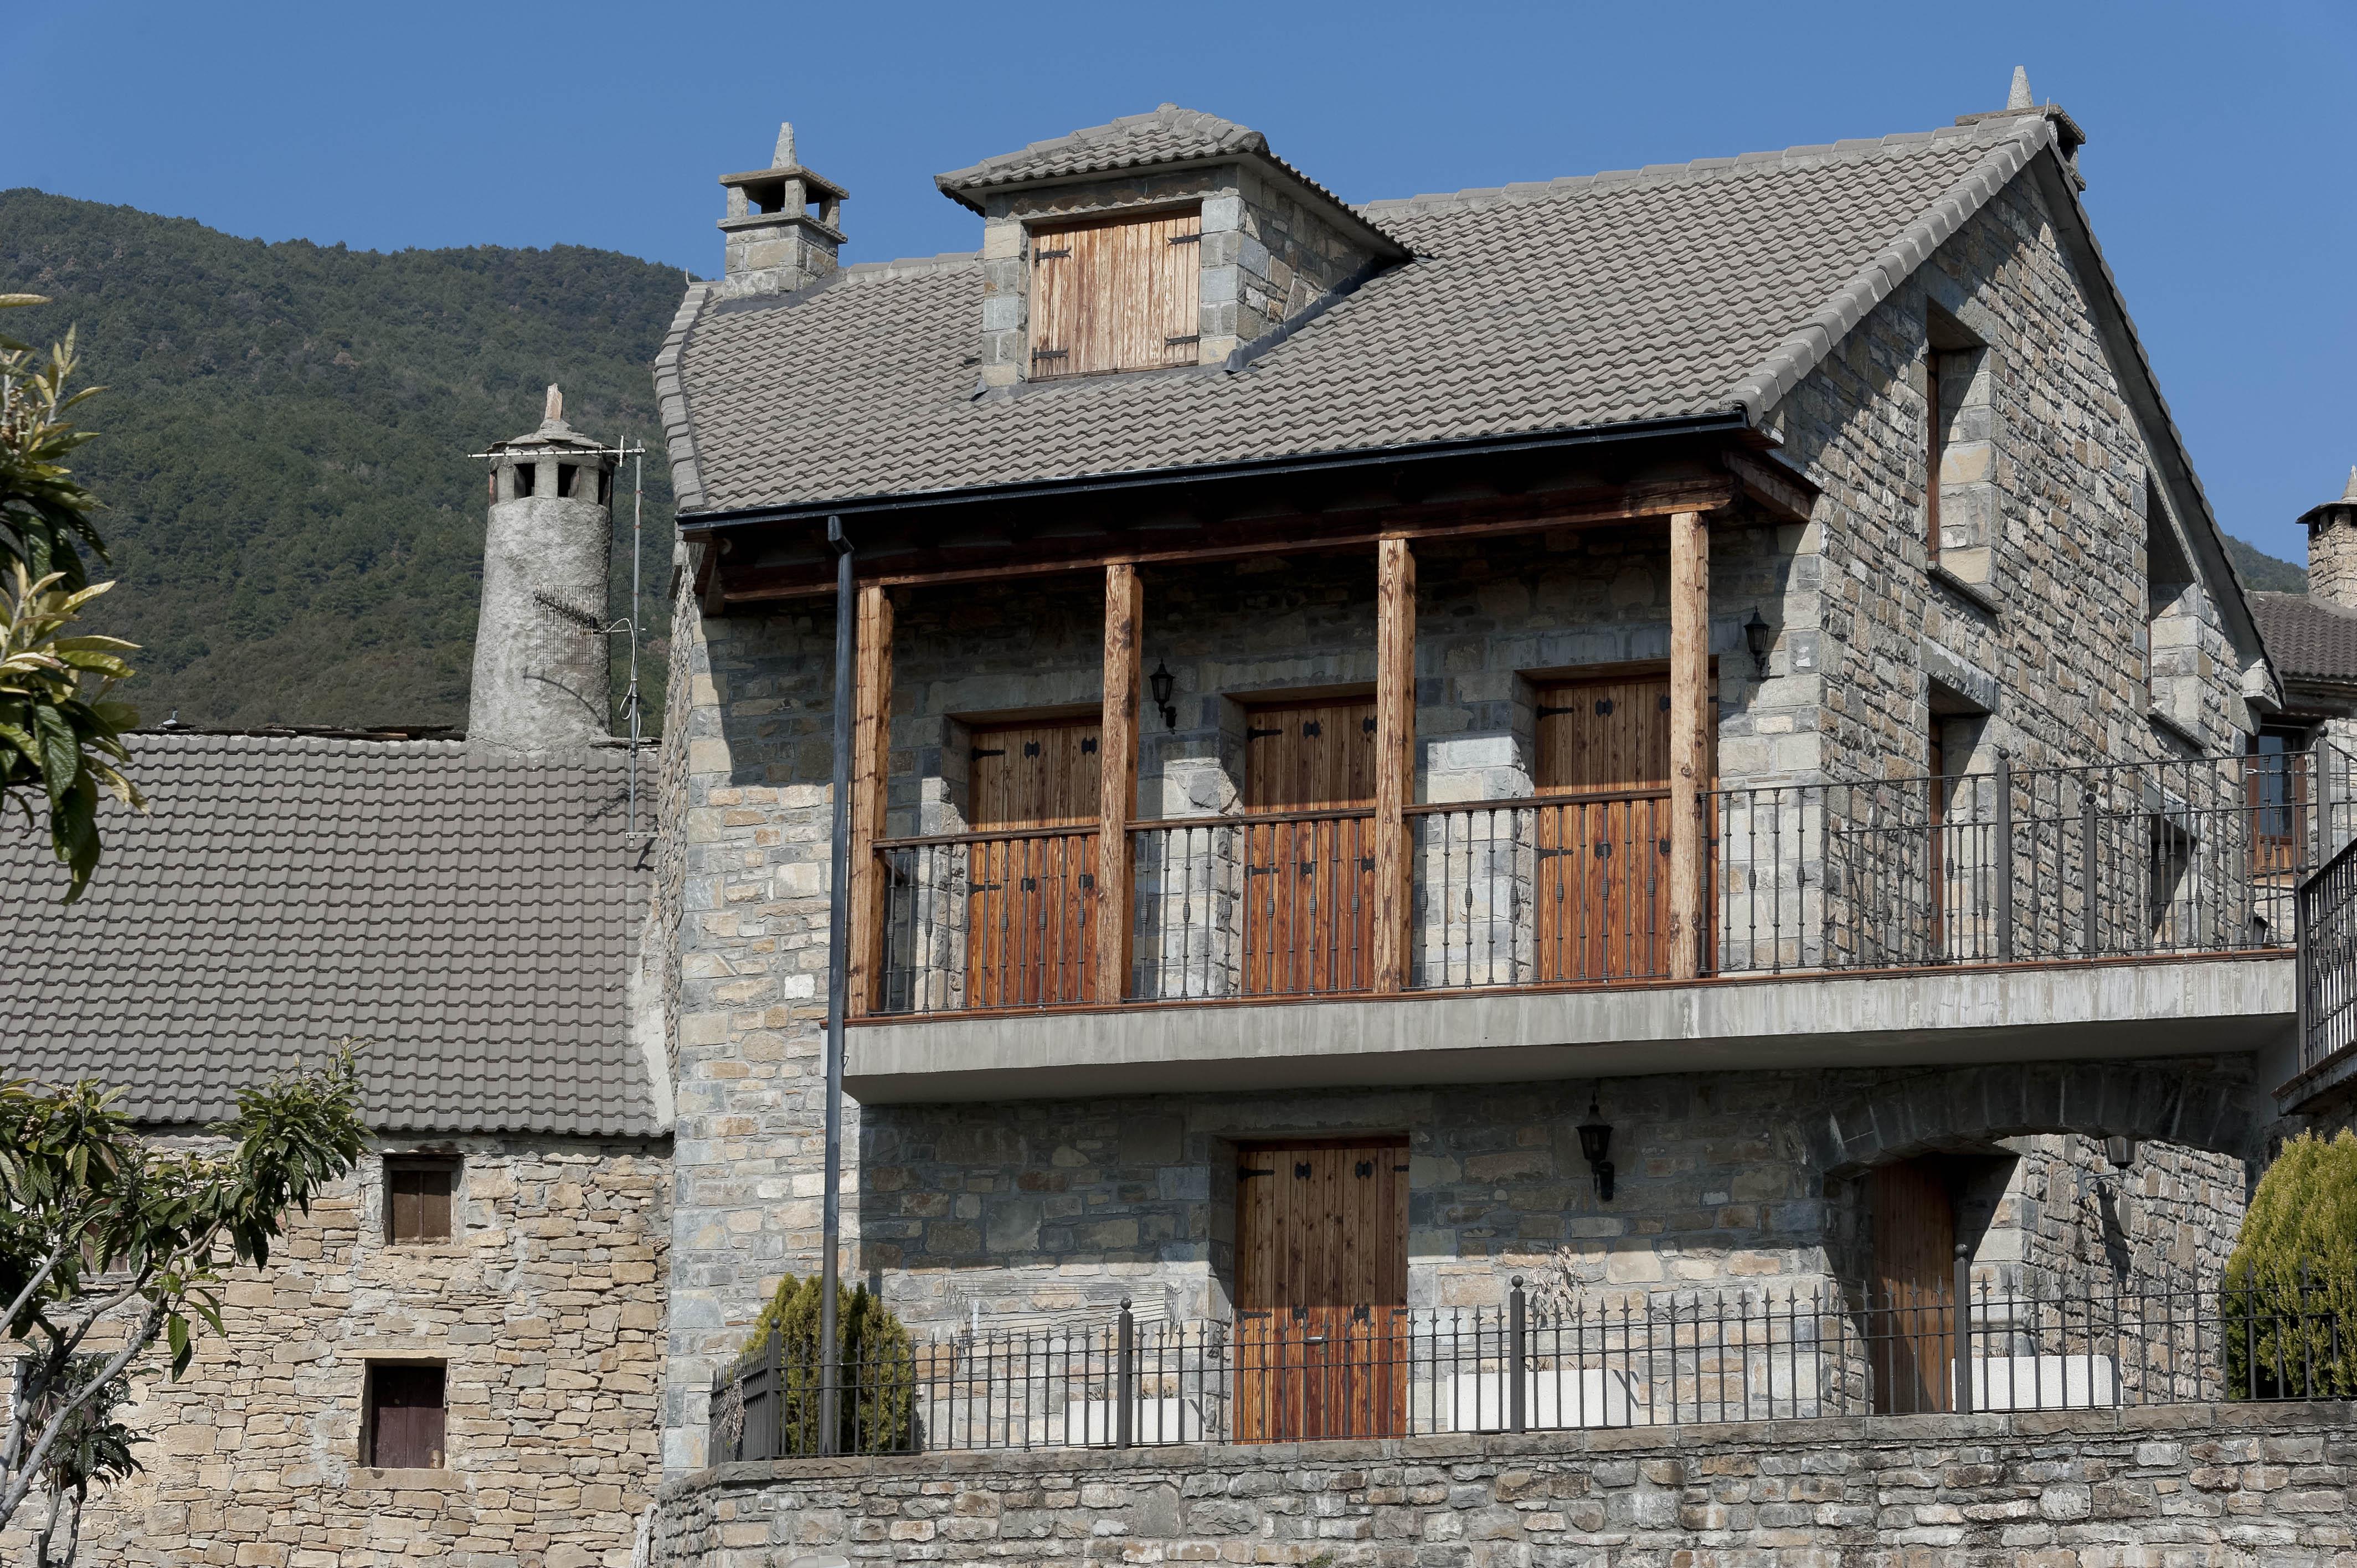 5223_San Vicente de Labuerda (Sobrarbe Aragon)